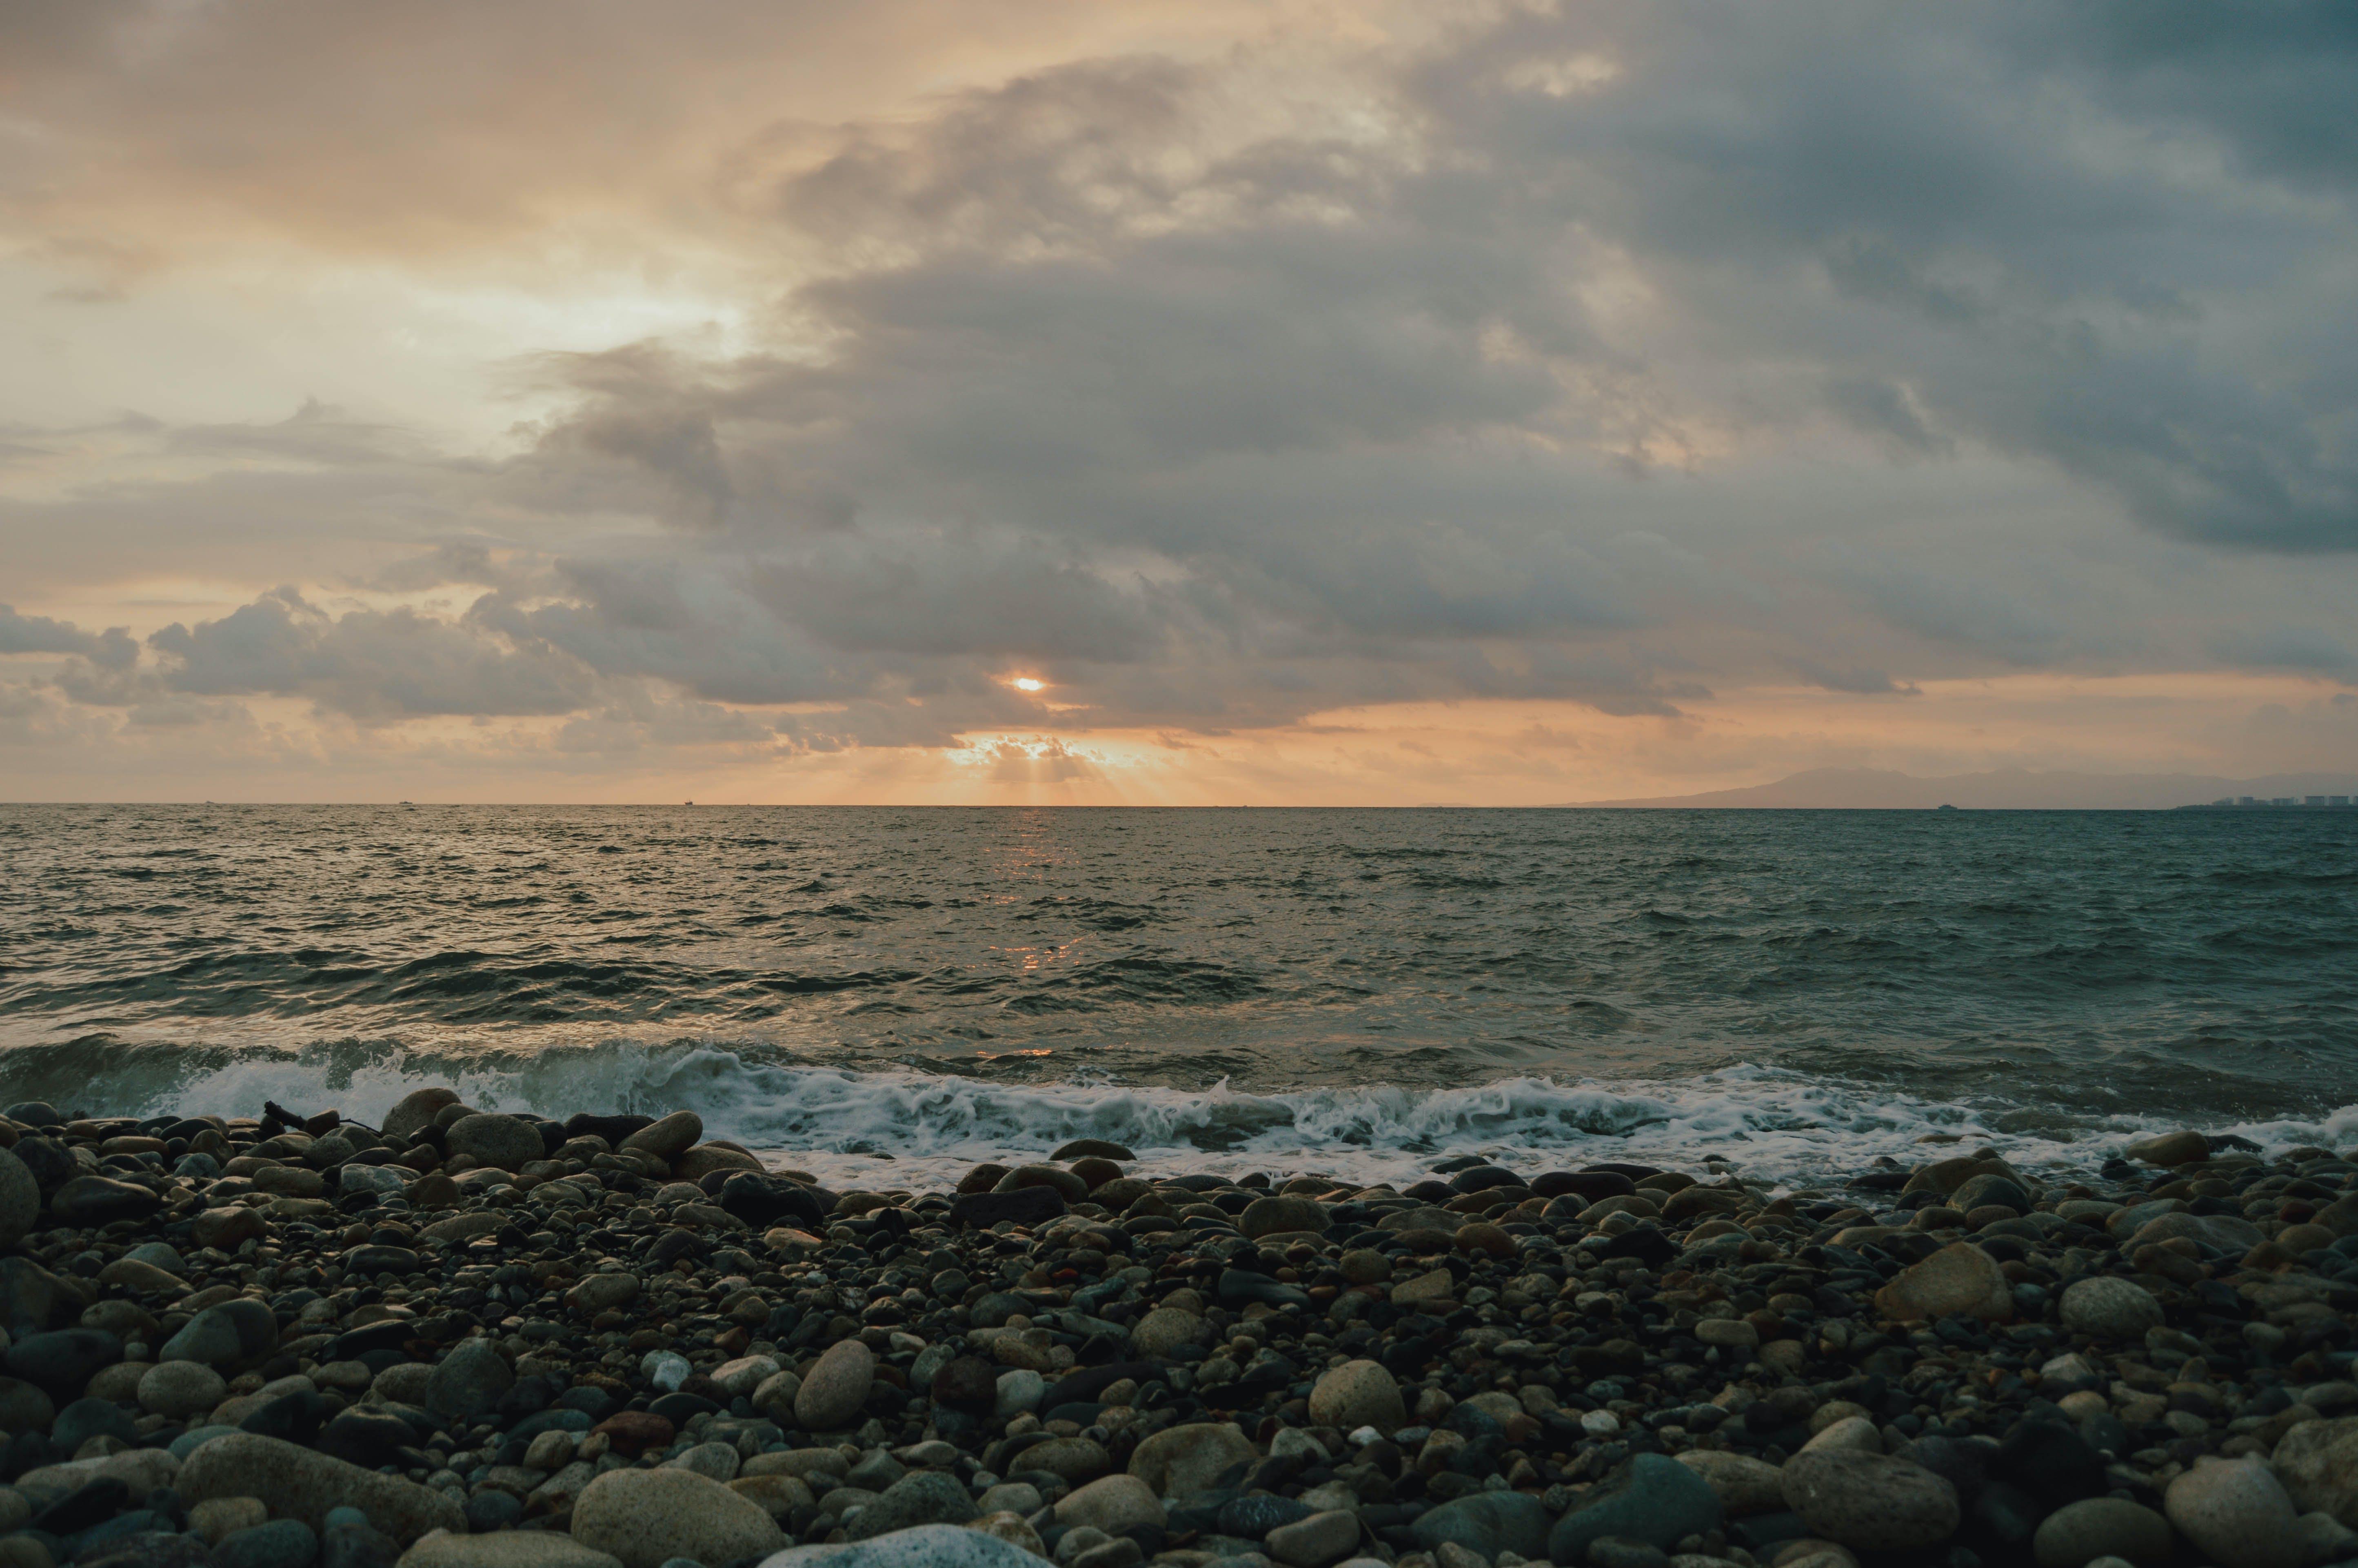 Δωρεάν στοκ φωτογραφιών με βράχια, γνέφω, ηλιοβασίλεμα παραλία, θάλασσα